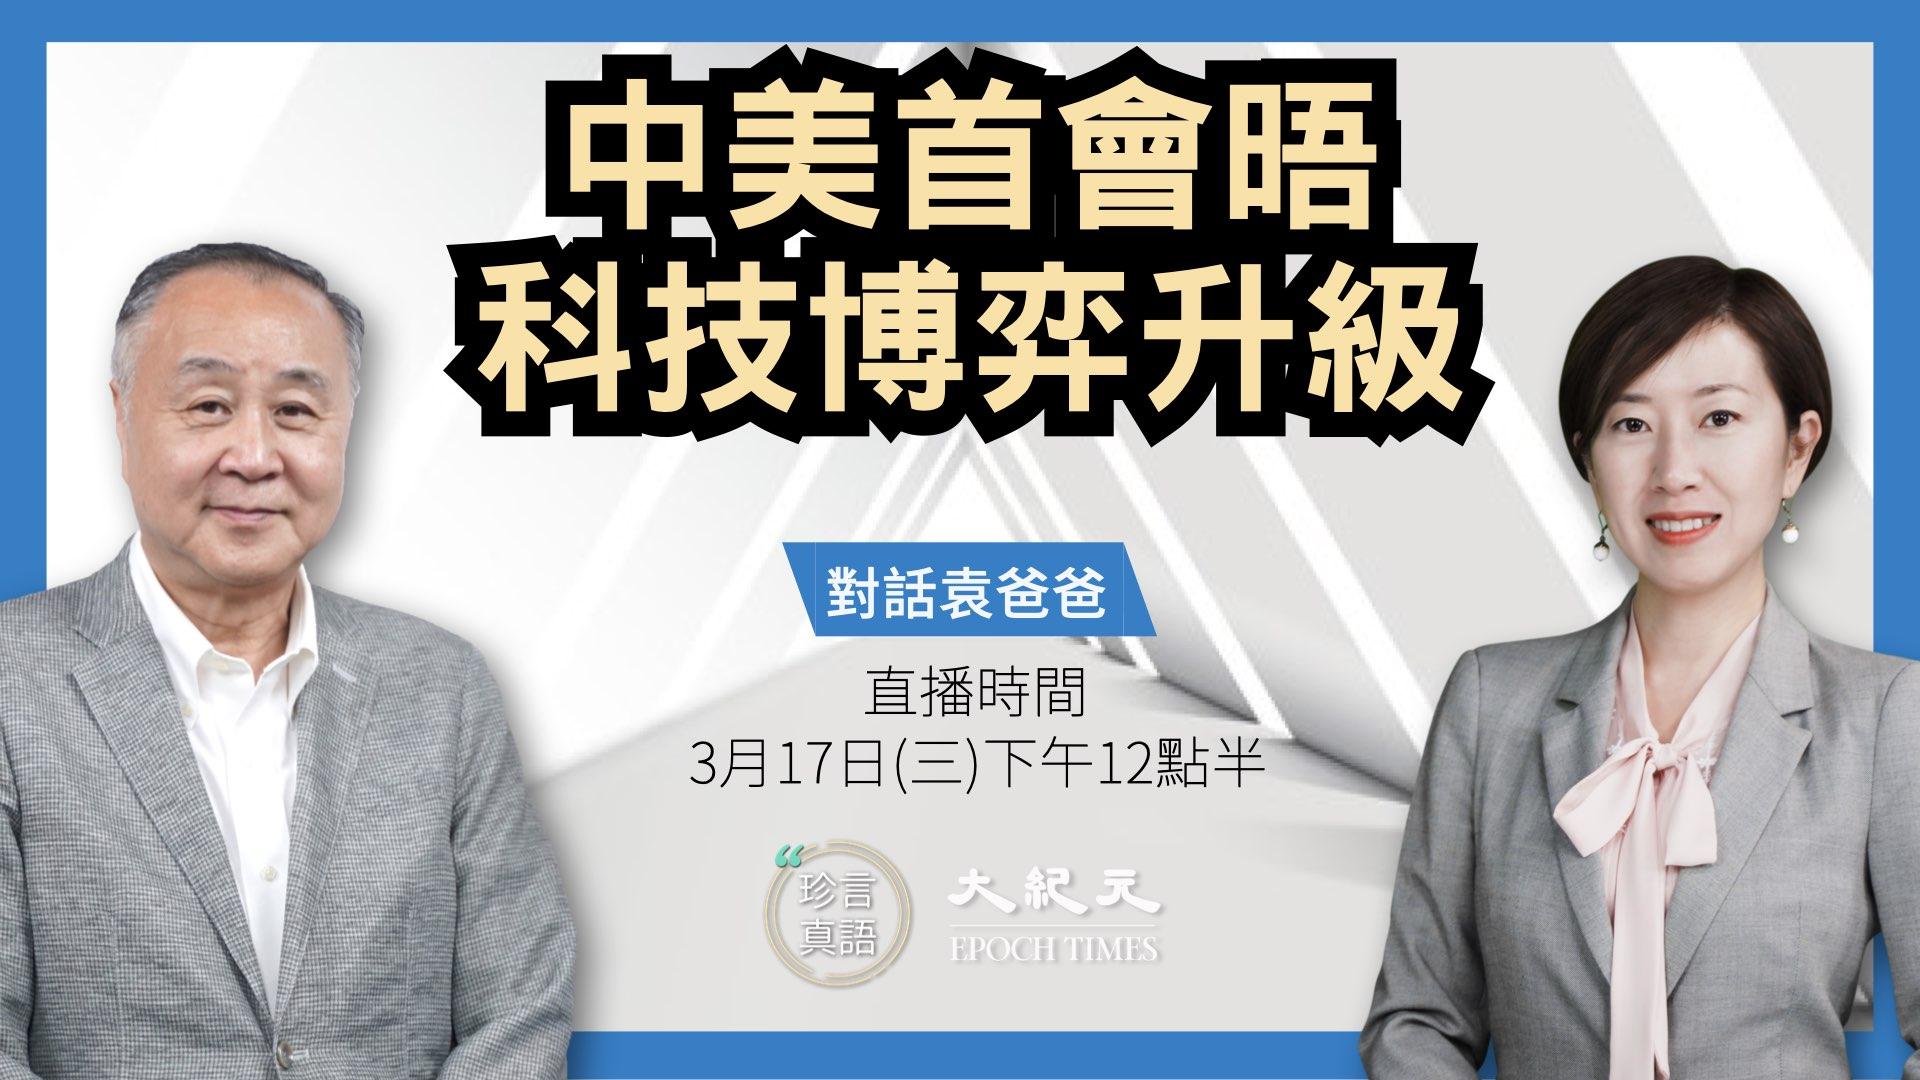 【珍言真語】袁弓夷:中美首會晤,科技博弈升級。(大紀元製圖)